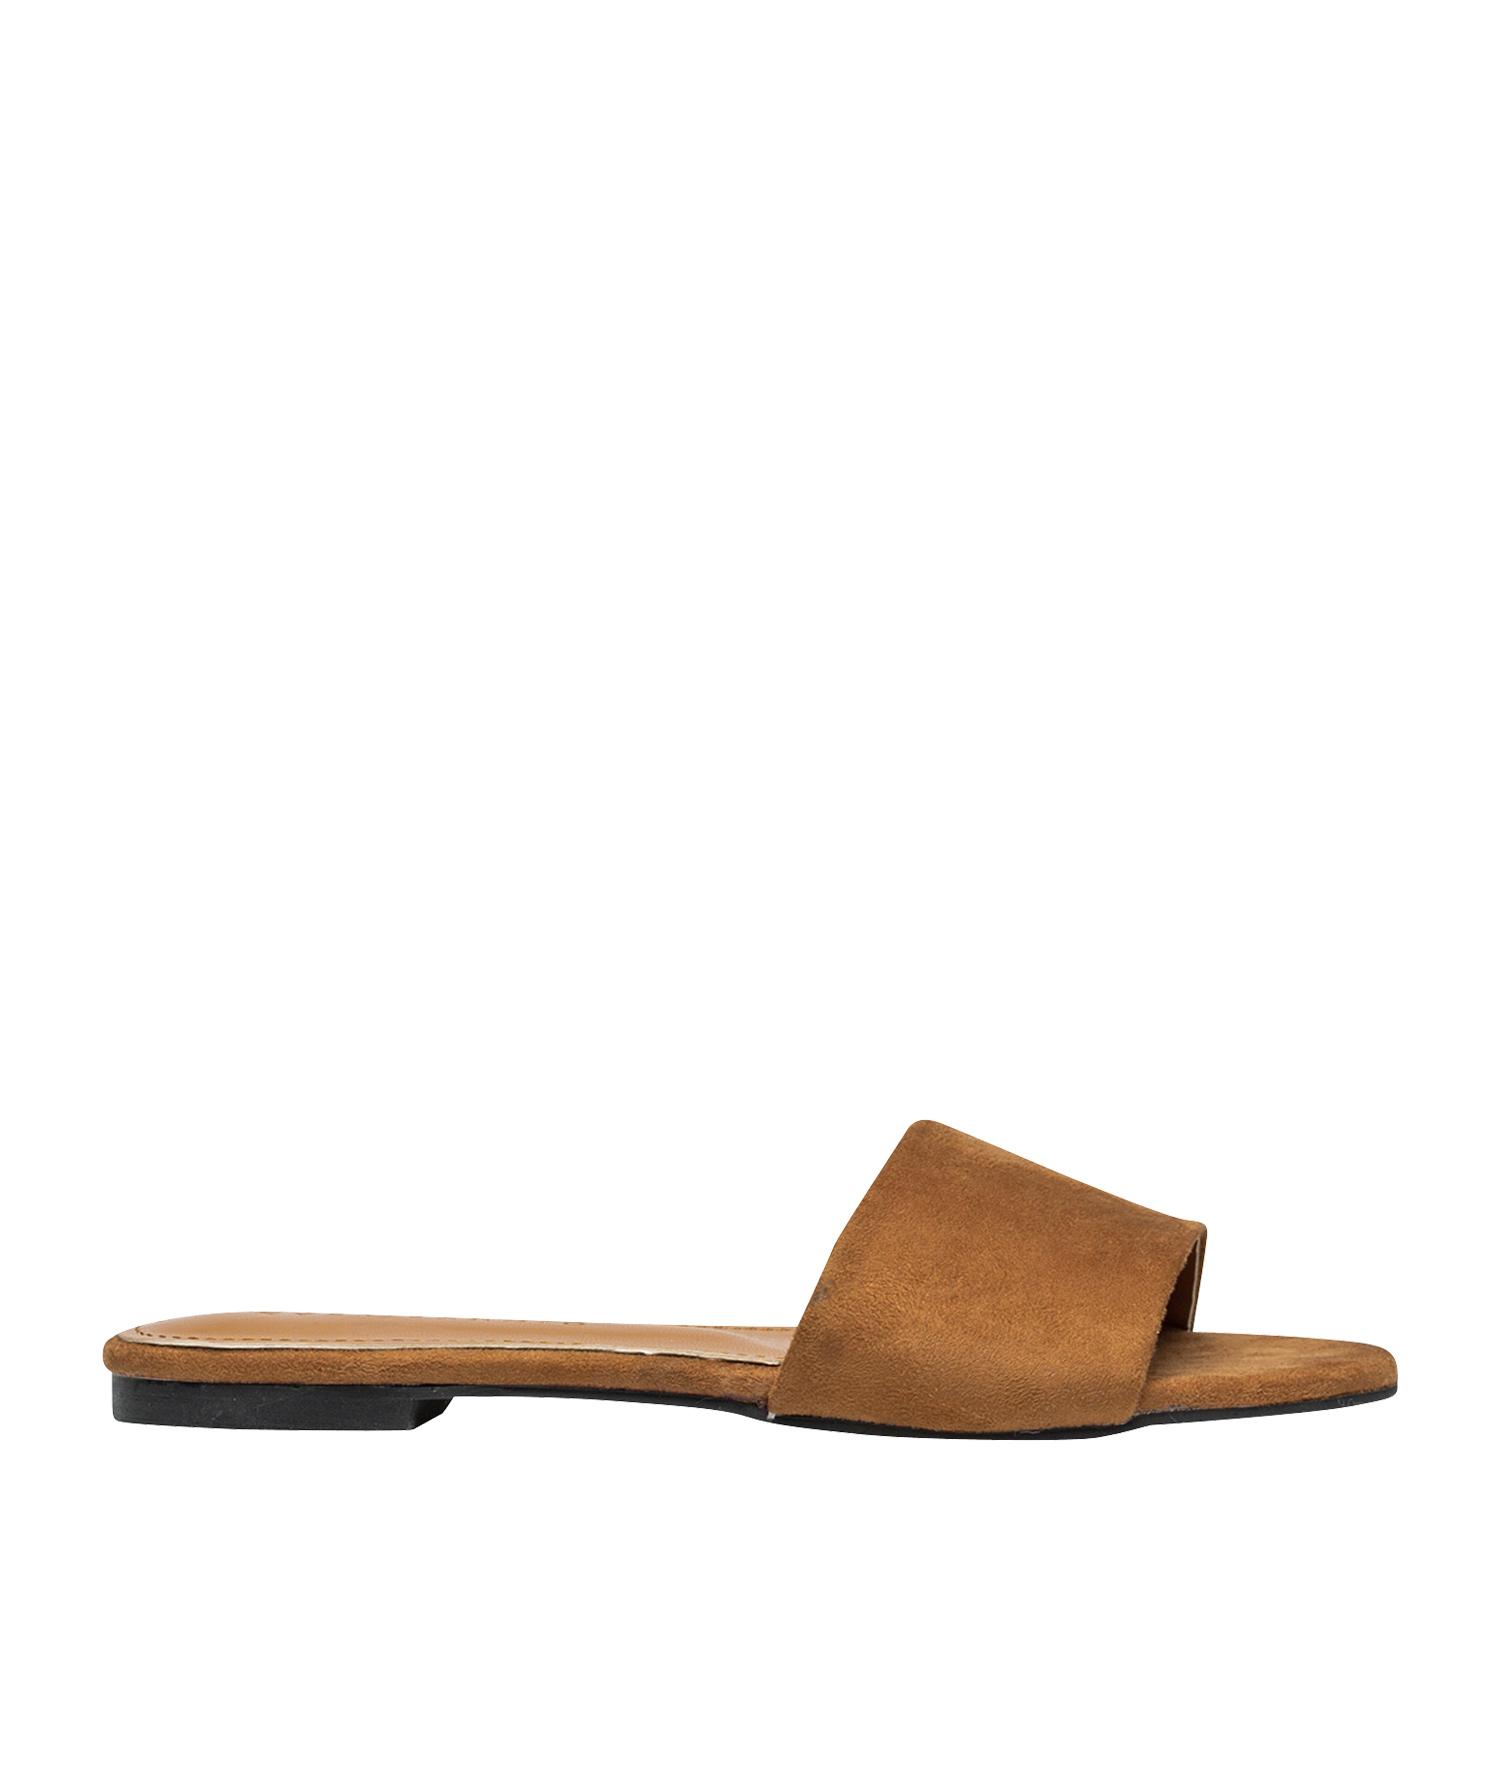 c2c76ef276b AnnaKastle Womens Vegan Suede Single Strap Slide Sandals Brown